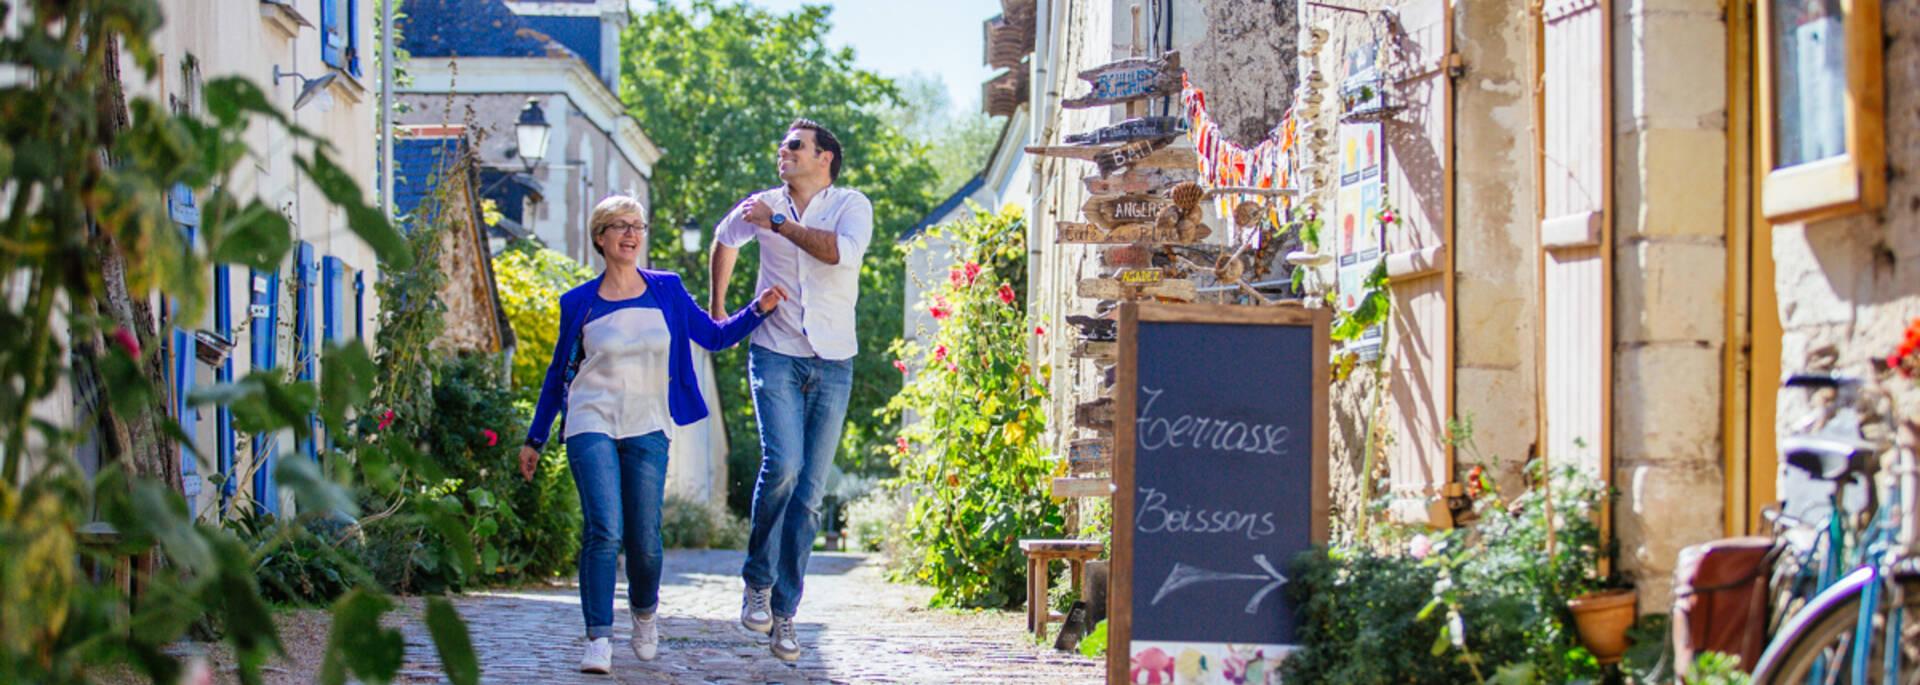 Villages typiques - Angers - France © les conteurs